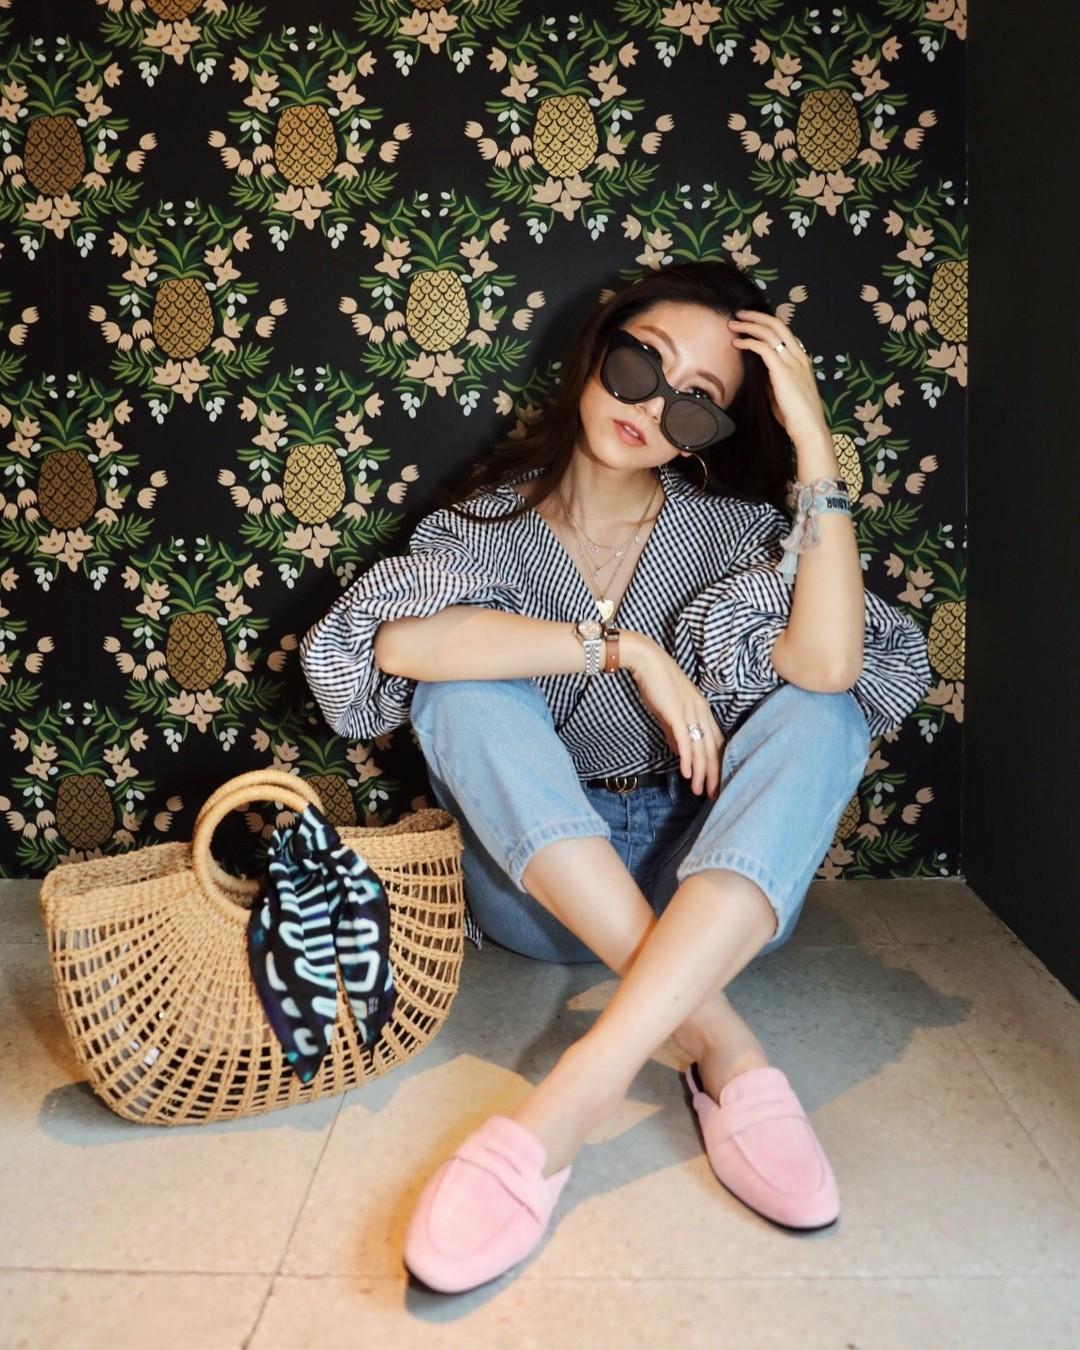 Đừng nghĩ mặc jeans là không điệu được, cứ nhìn các nàng blogger lên đồ cực xinh qua 15 set đồ này sẽ biết ngay - Ảnh 14